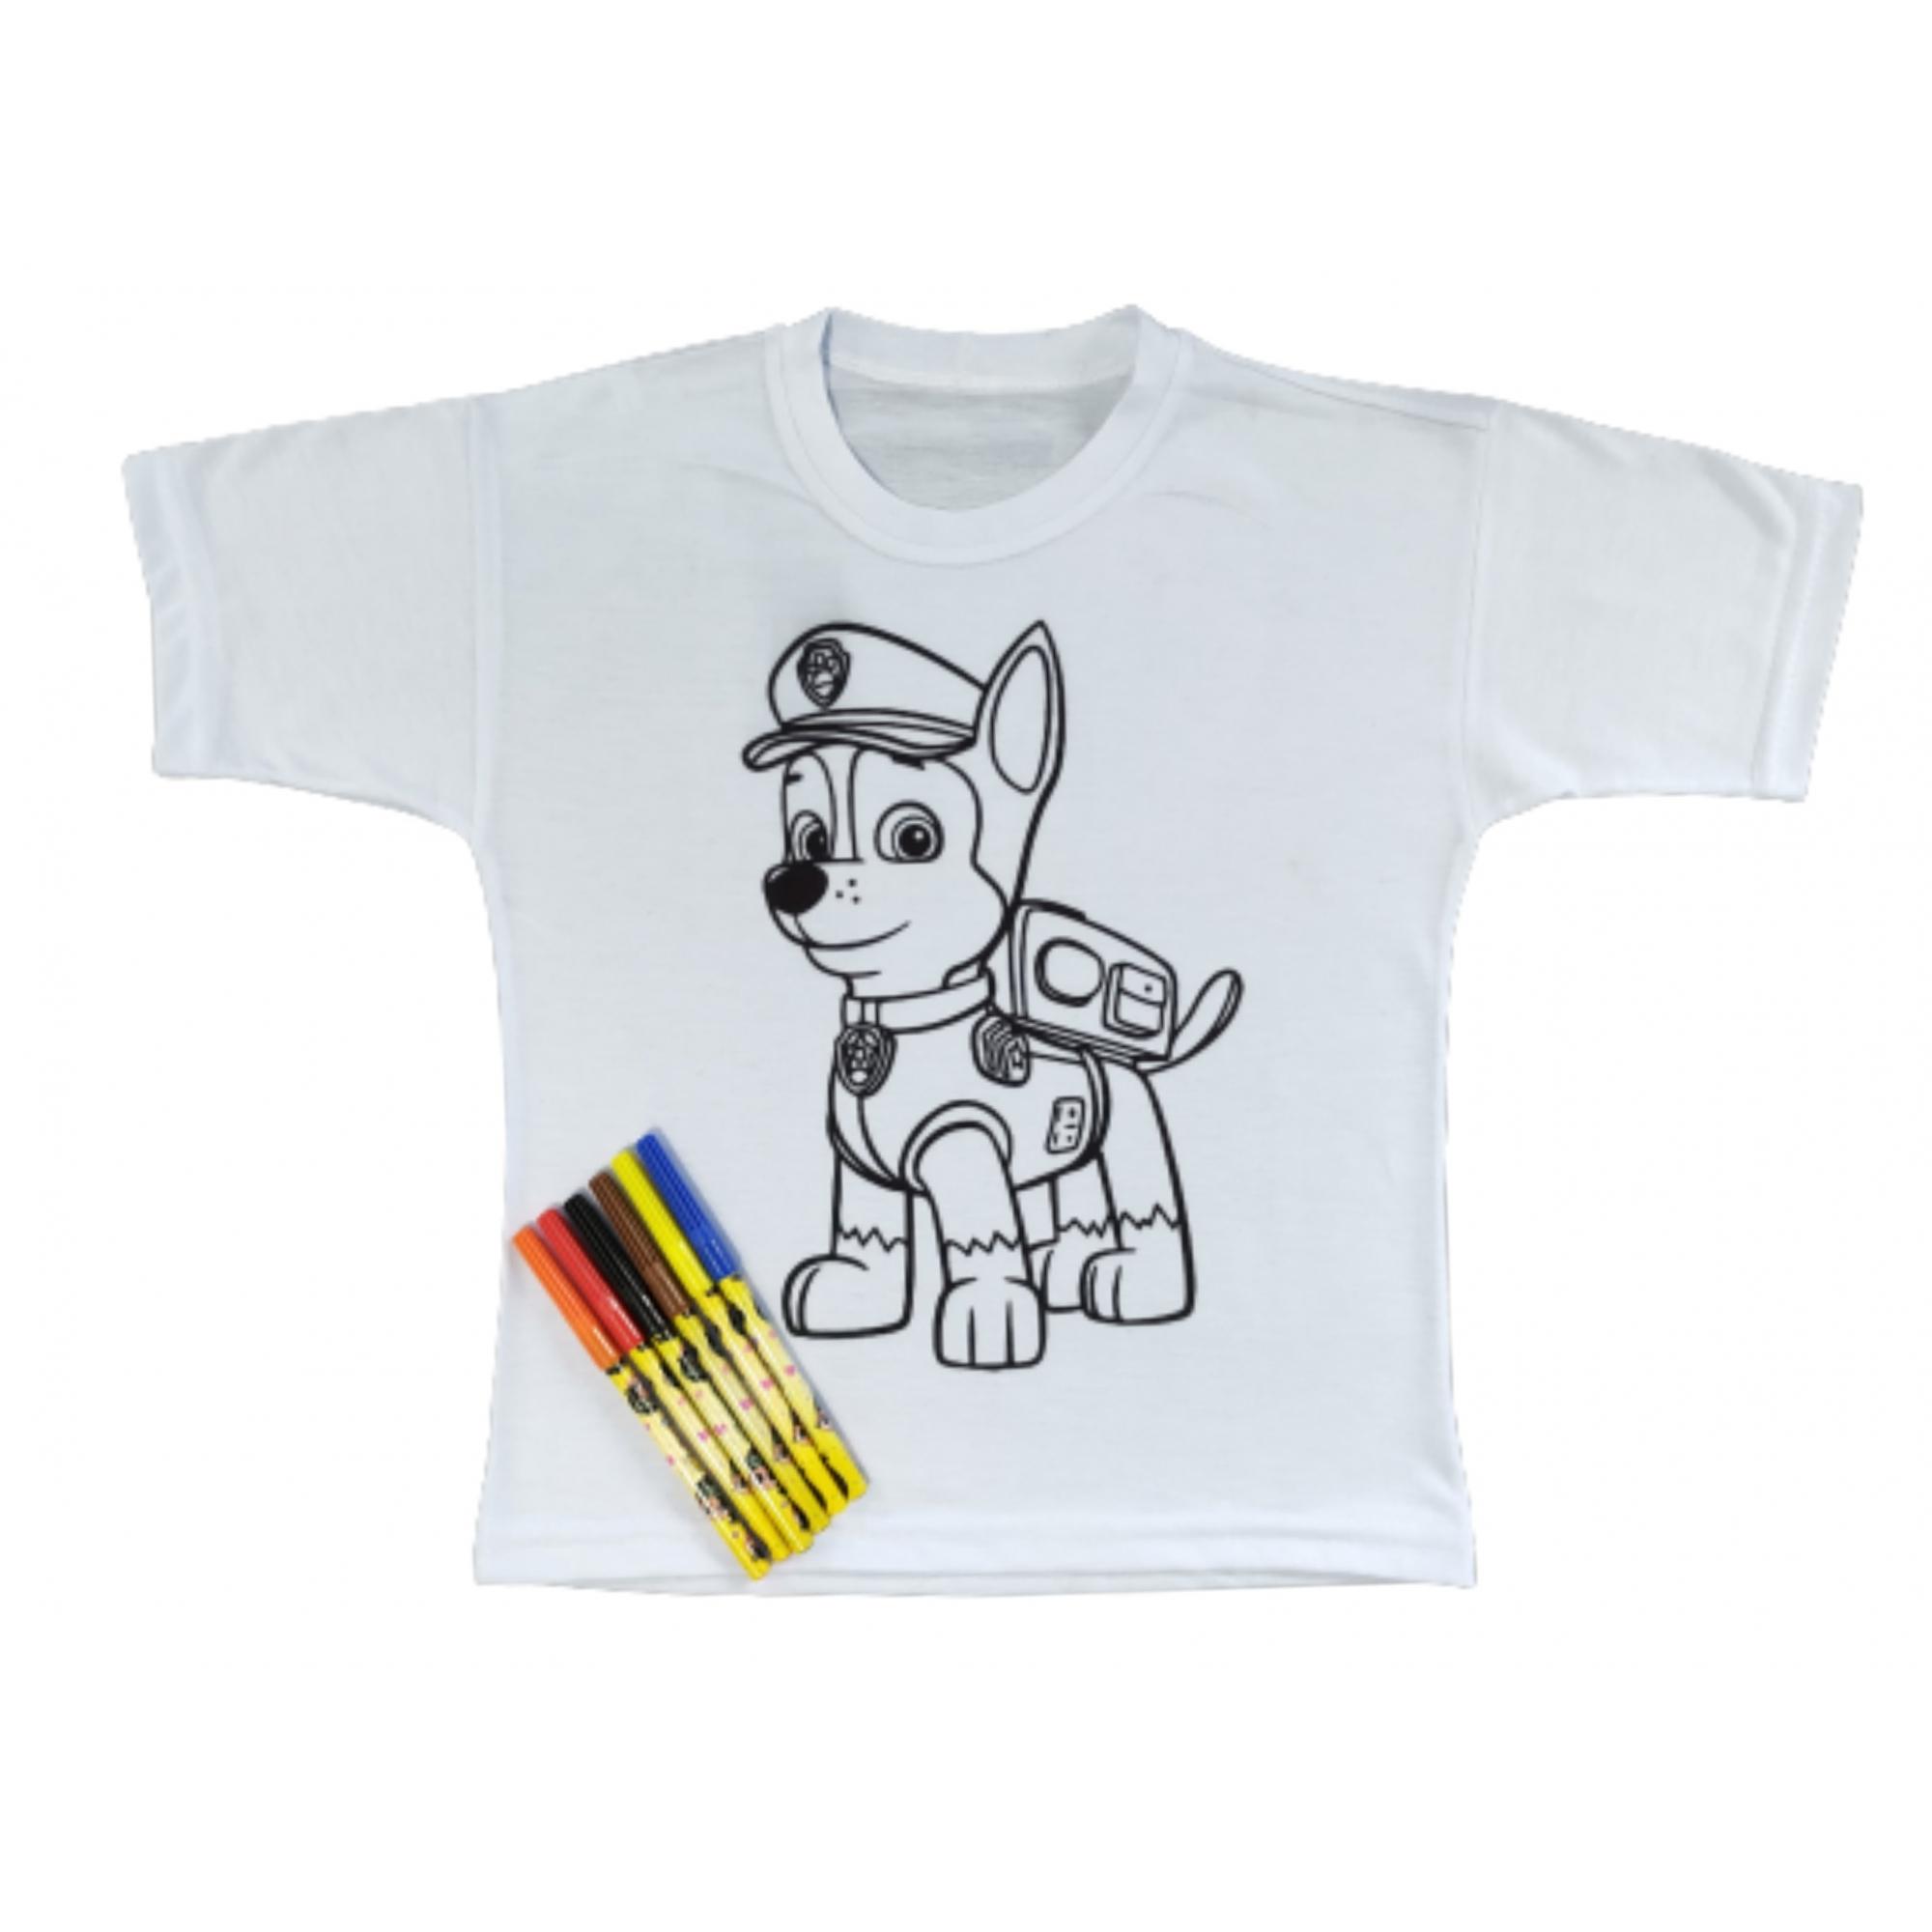 Camiseta Infantil Personagens com canetinha de tinta lavável - Meninos